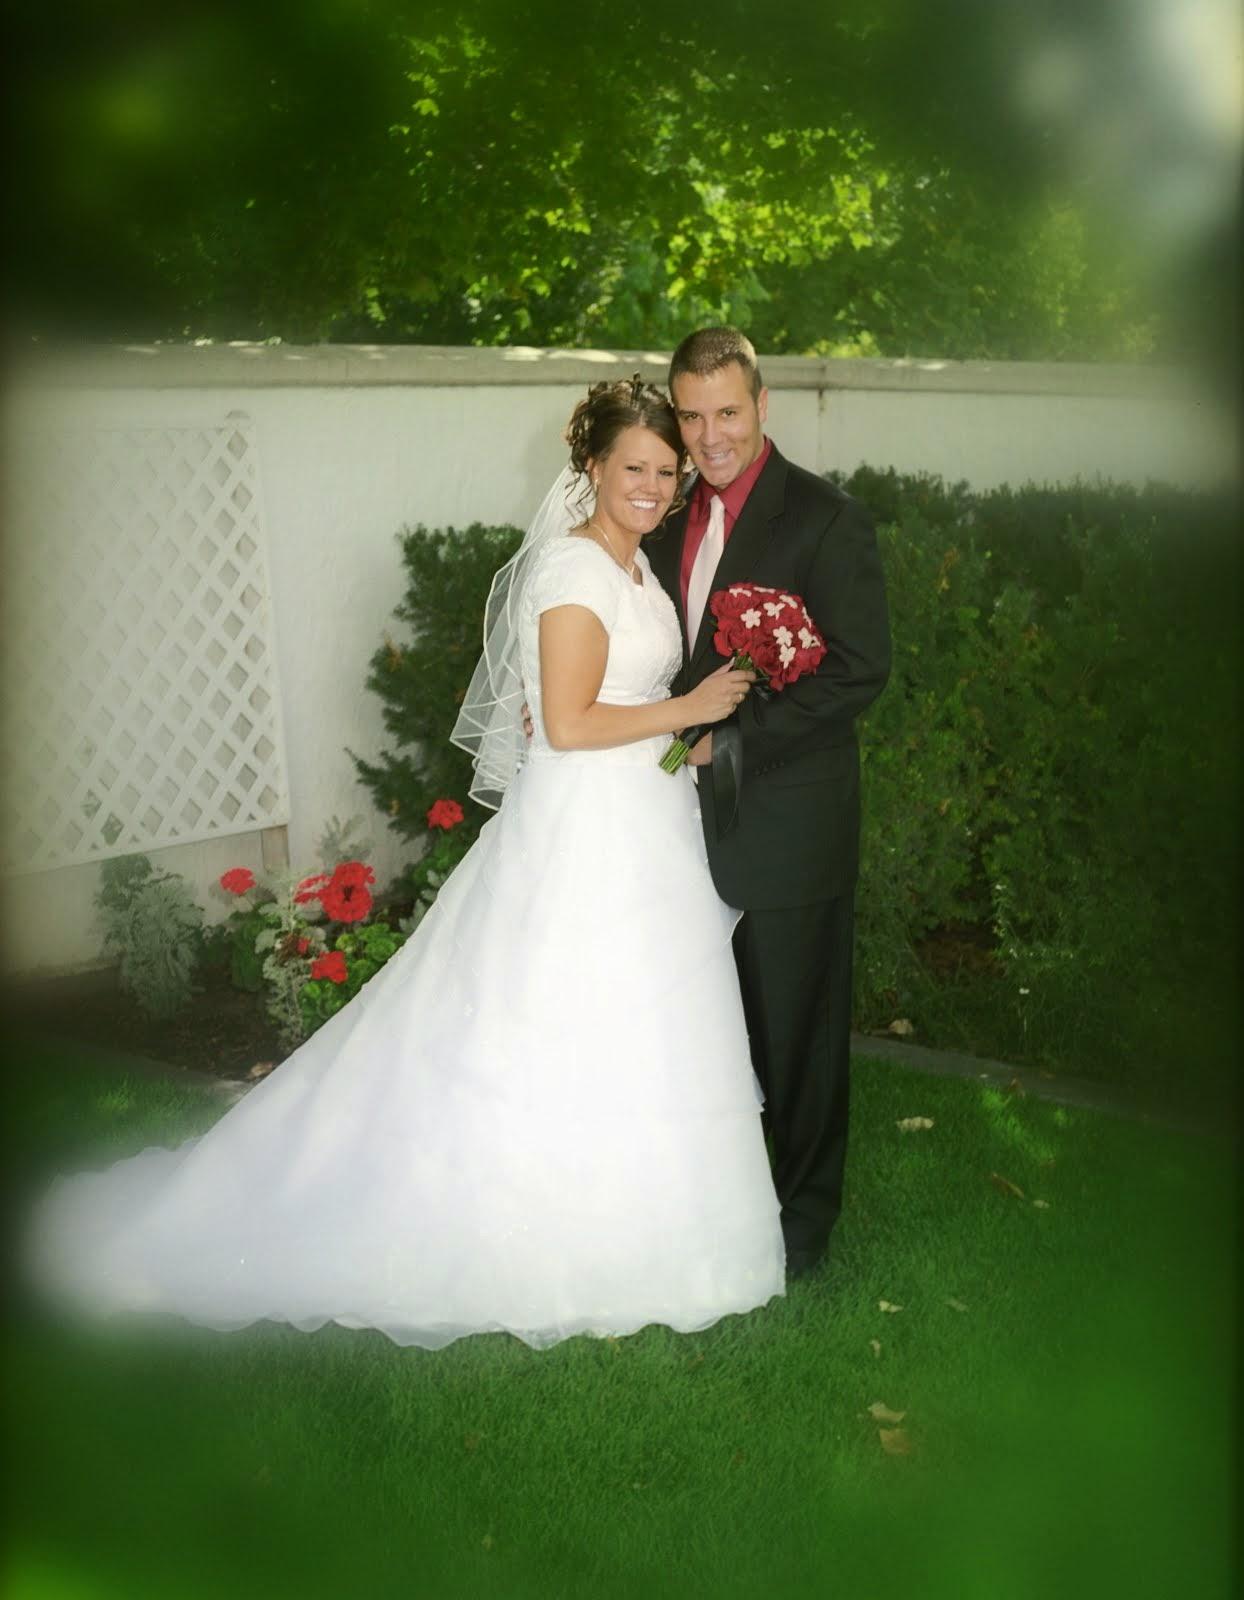 September 22, 2007